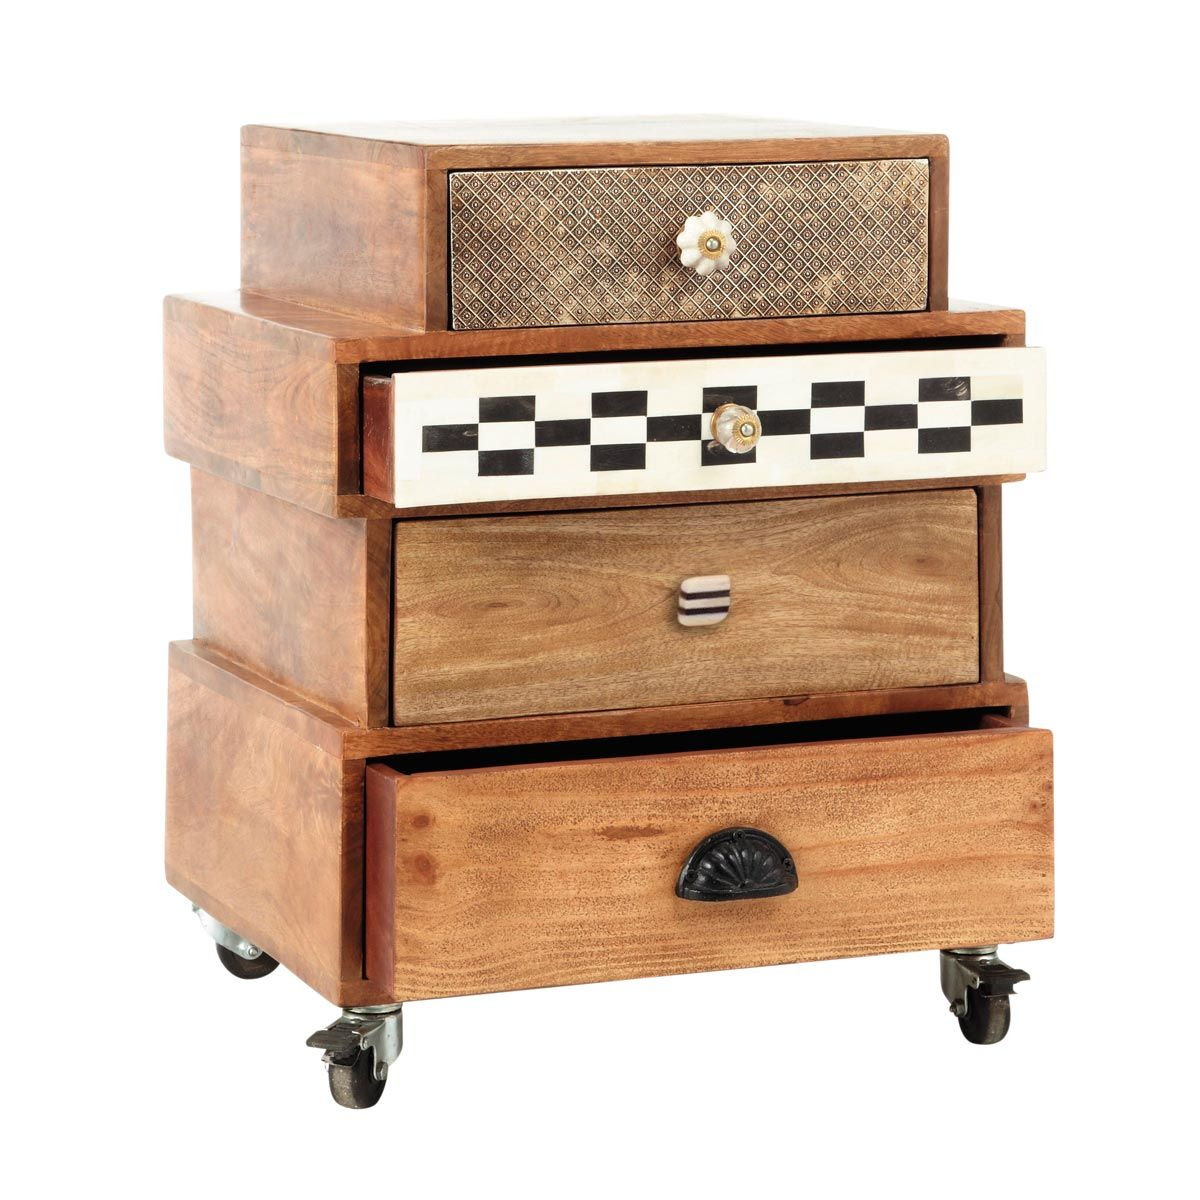 Cajonera con ruedas de mango an 50 cm products i love pinterest muebles muebles - Le monde muebles ...